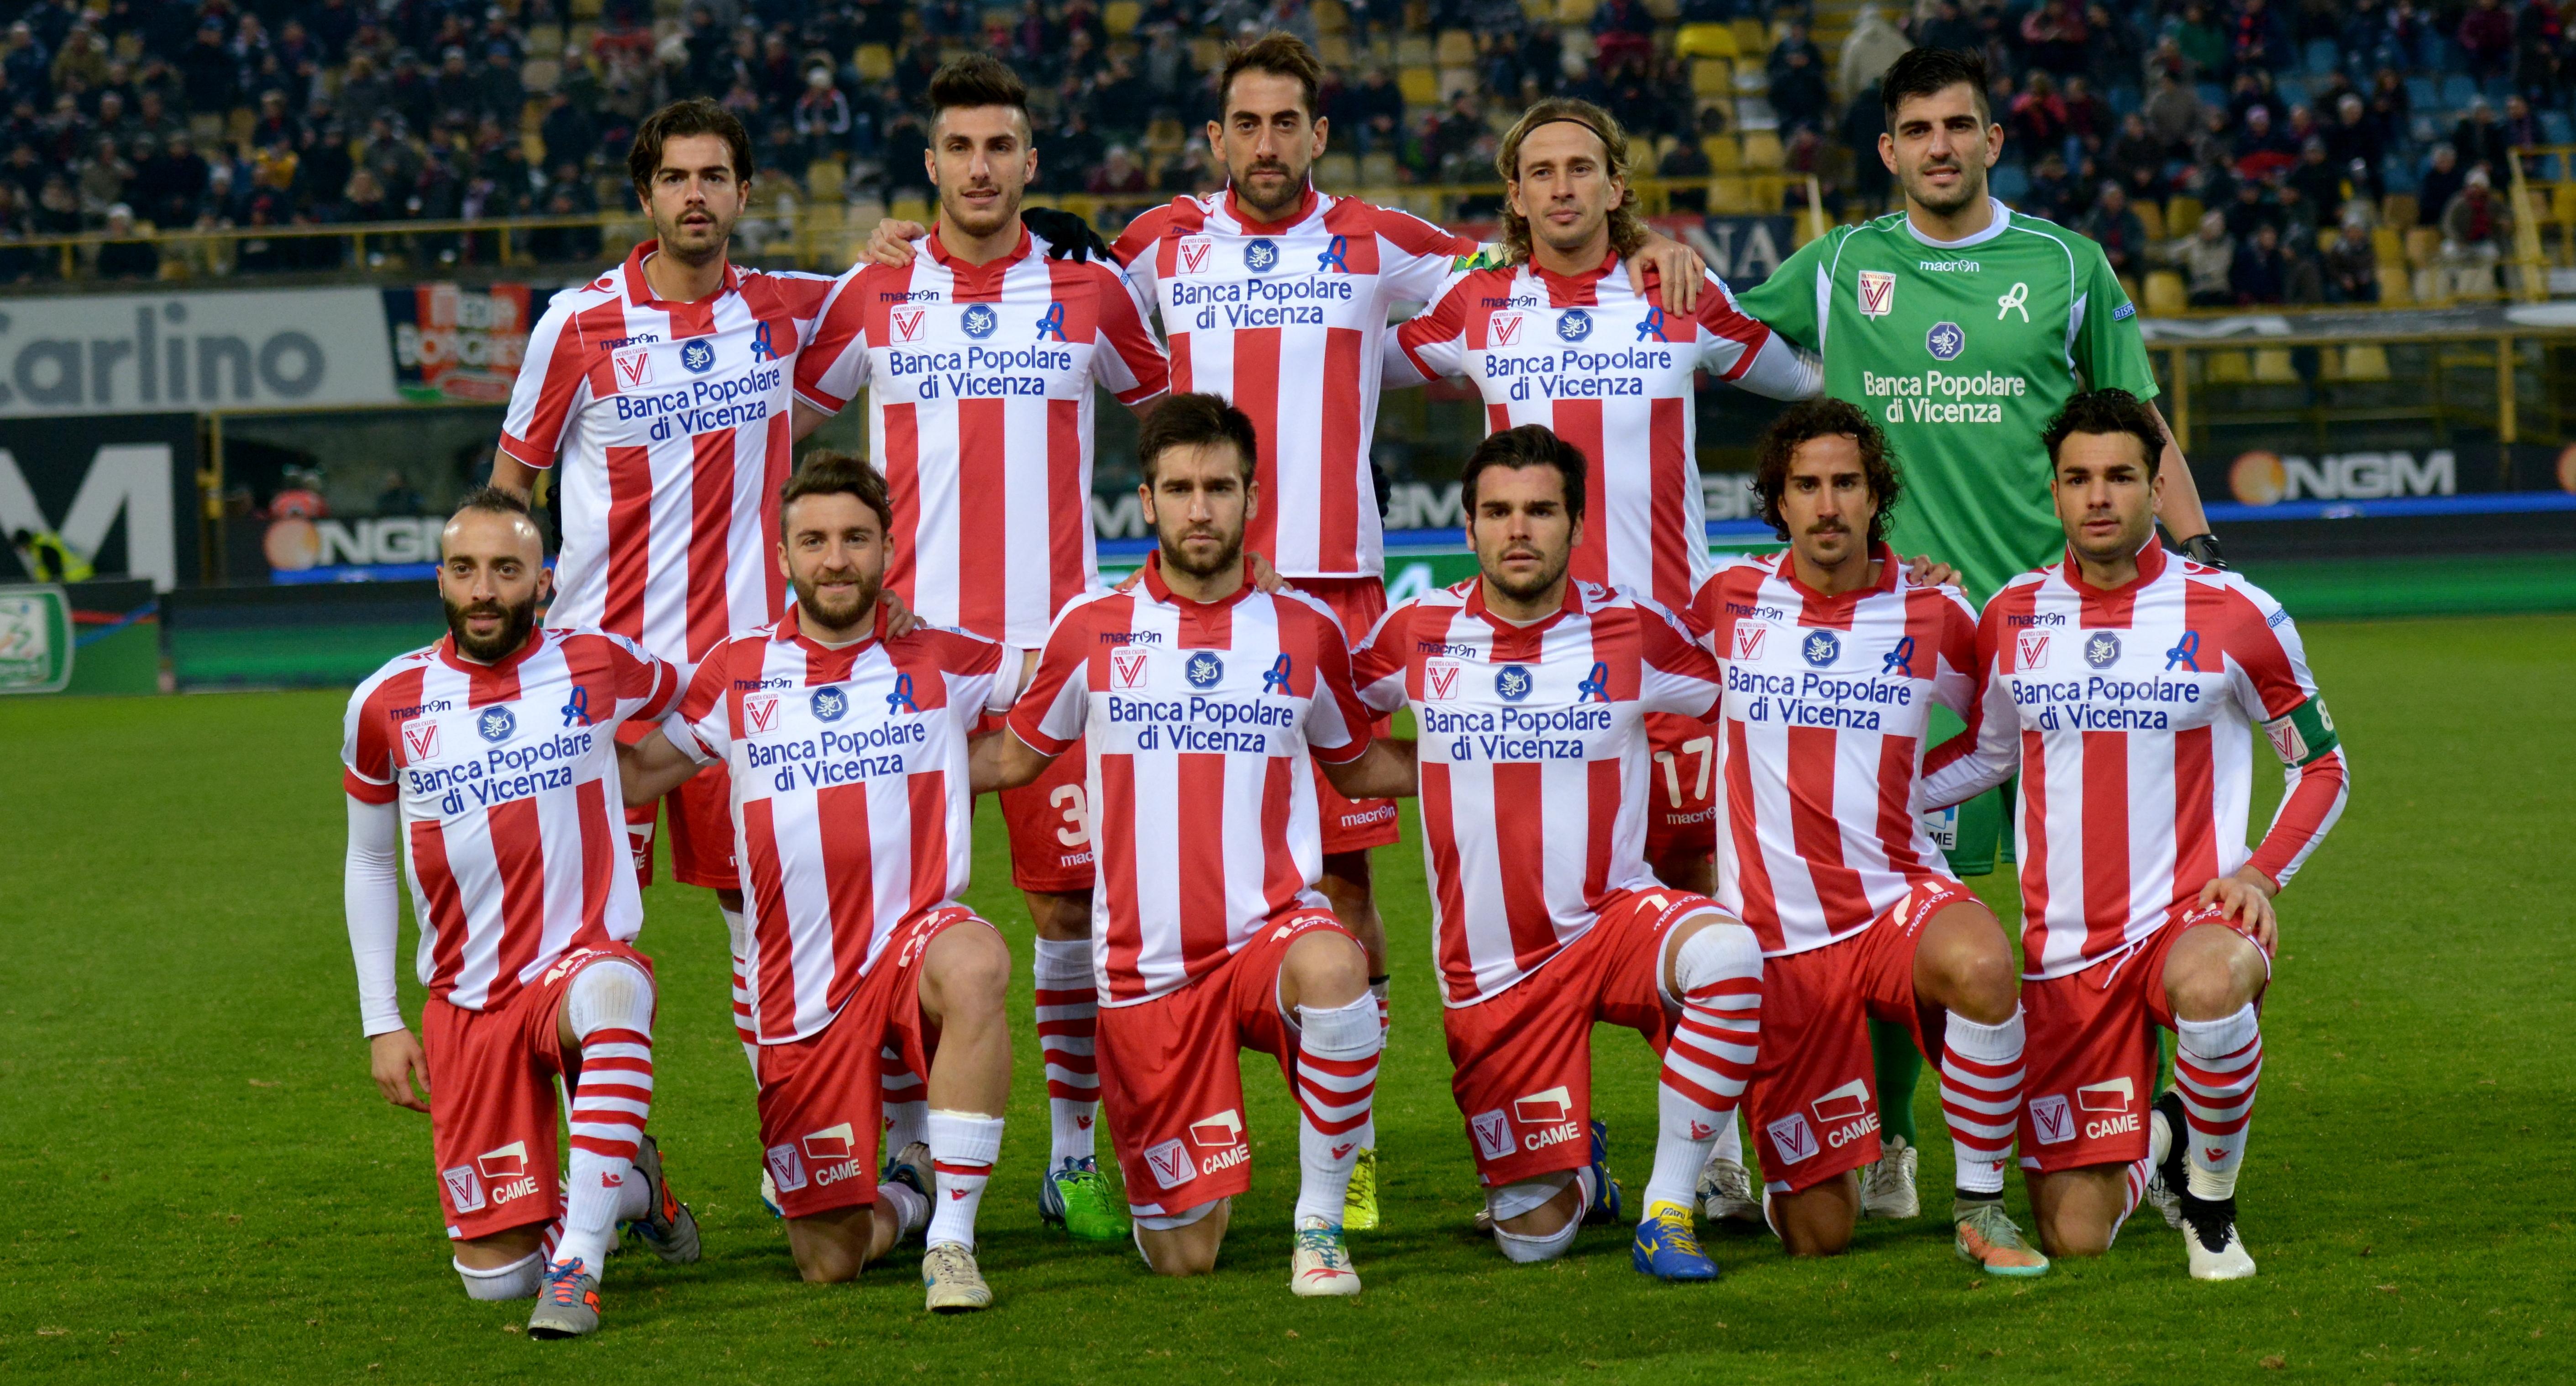 parrocchia tavernelle vicenza calcio - photo#1